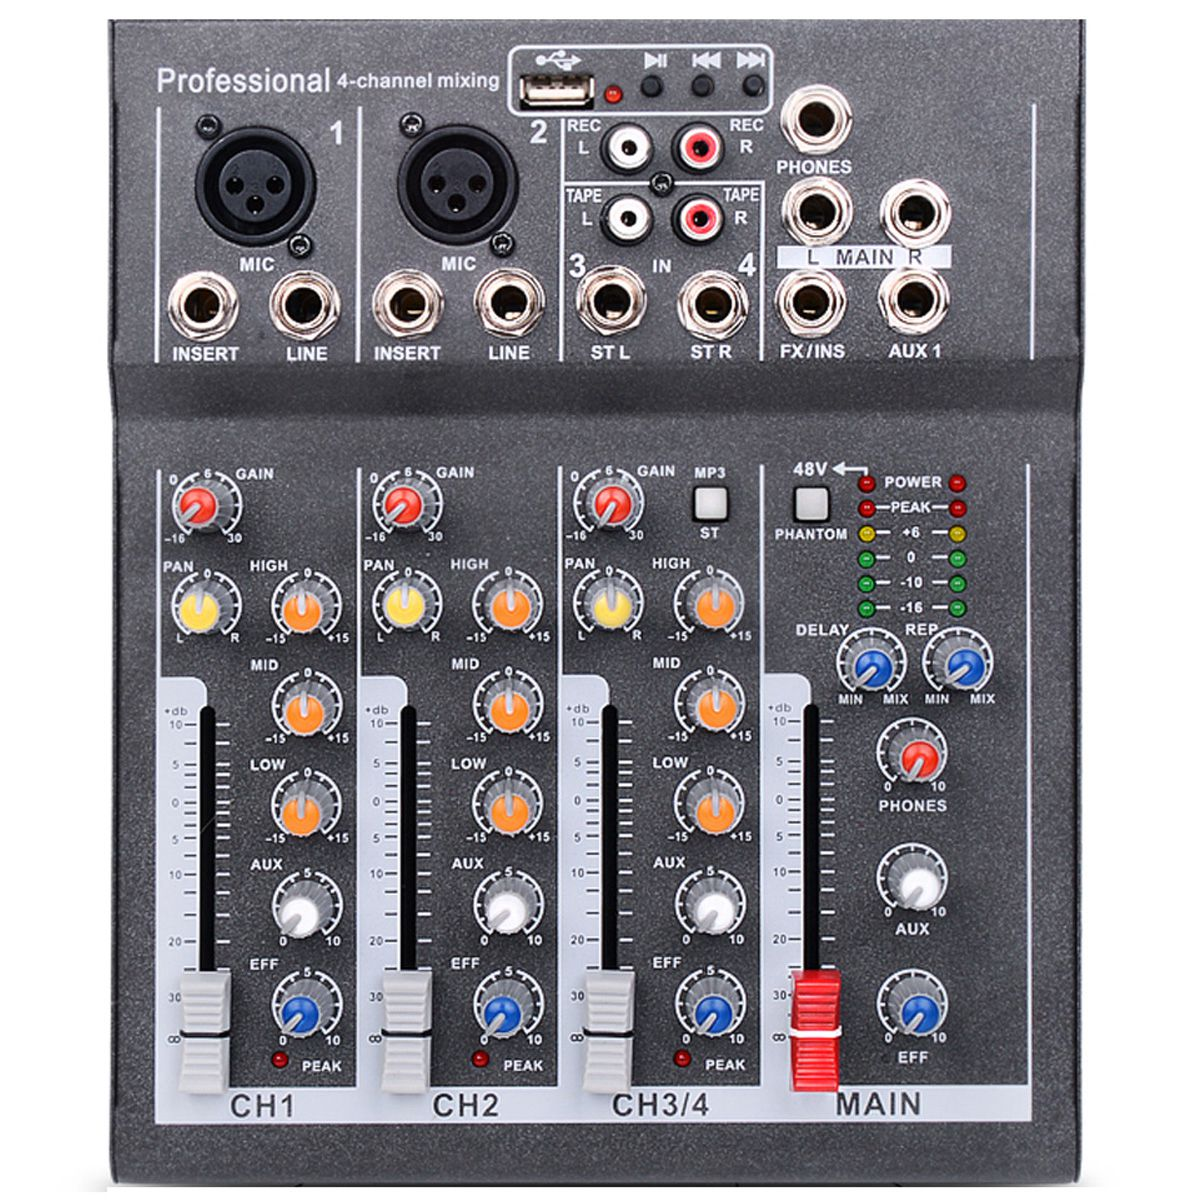 Mini mélangeur Audio portatif de prise de l'ue avec la Console de mélange de son d'usb Dj prise Mp3 amplificateur du karaoké 48 V de 4 canaux pour le karaoké Ktv Ma